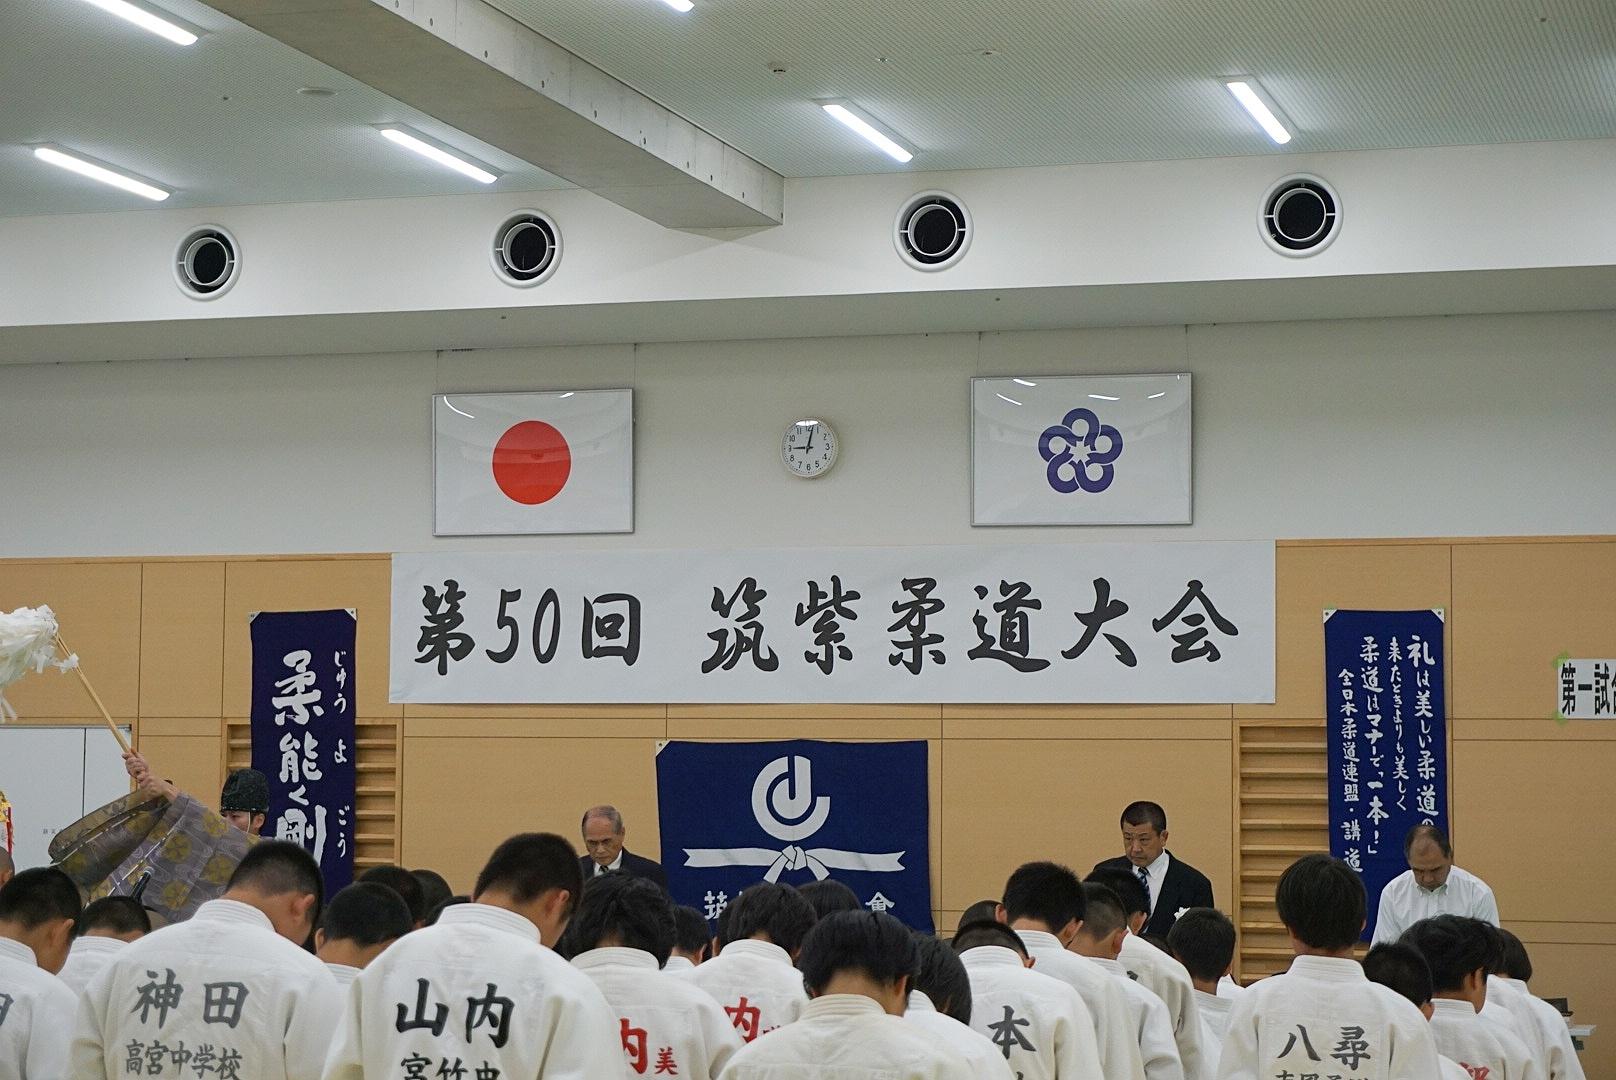 2019 筑紫柔道大会_b0172494_21031206.jpg